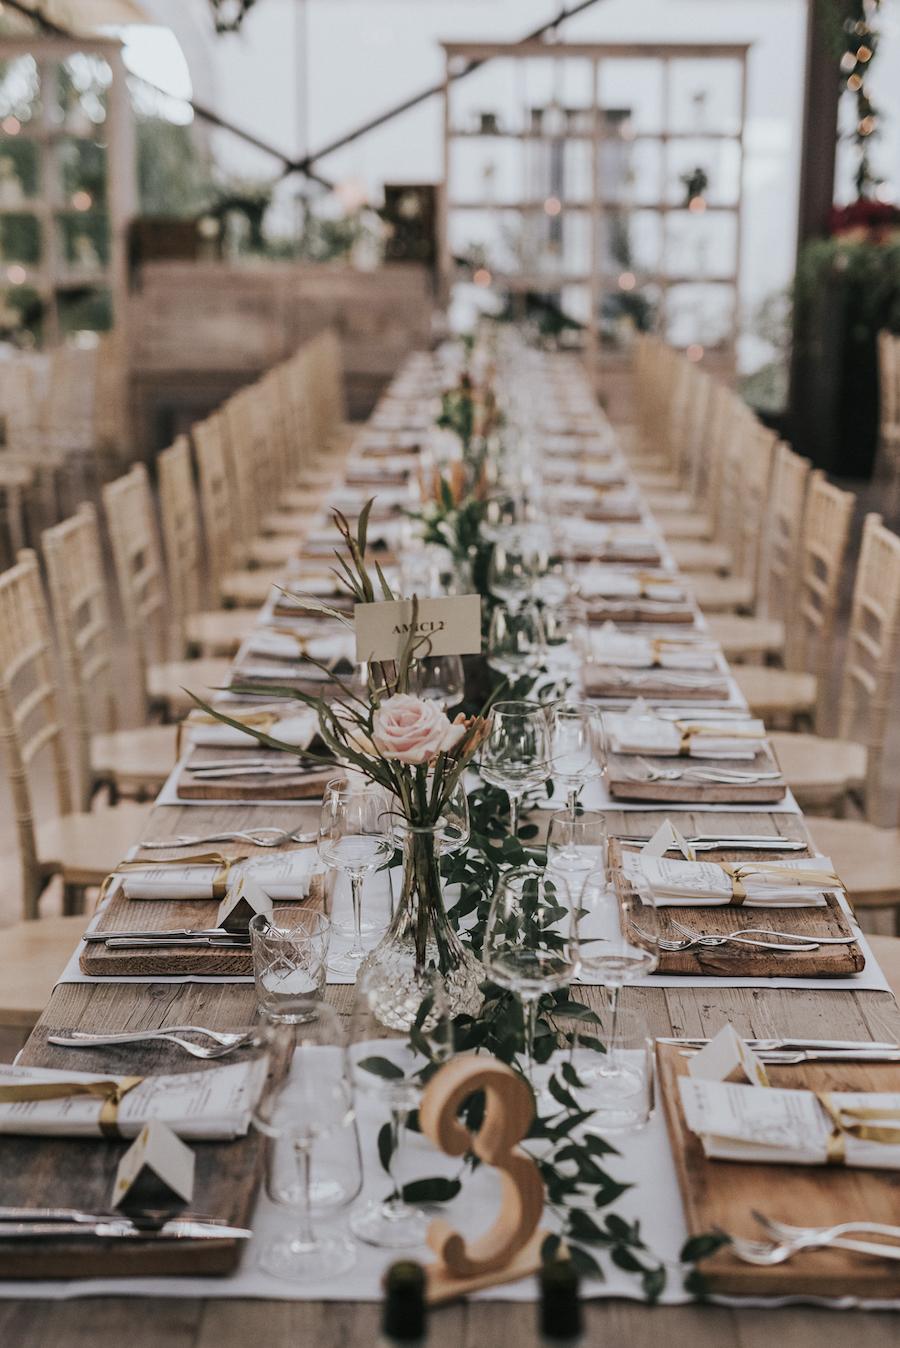 tavola imperiale matrimonio rustico e invernale